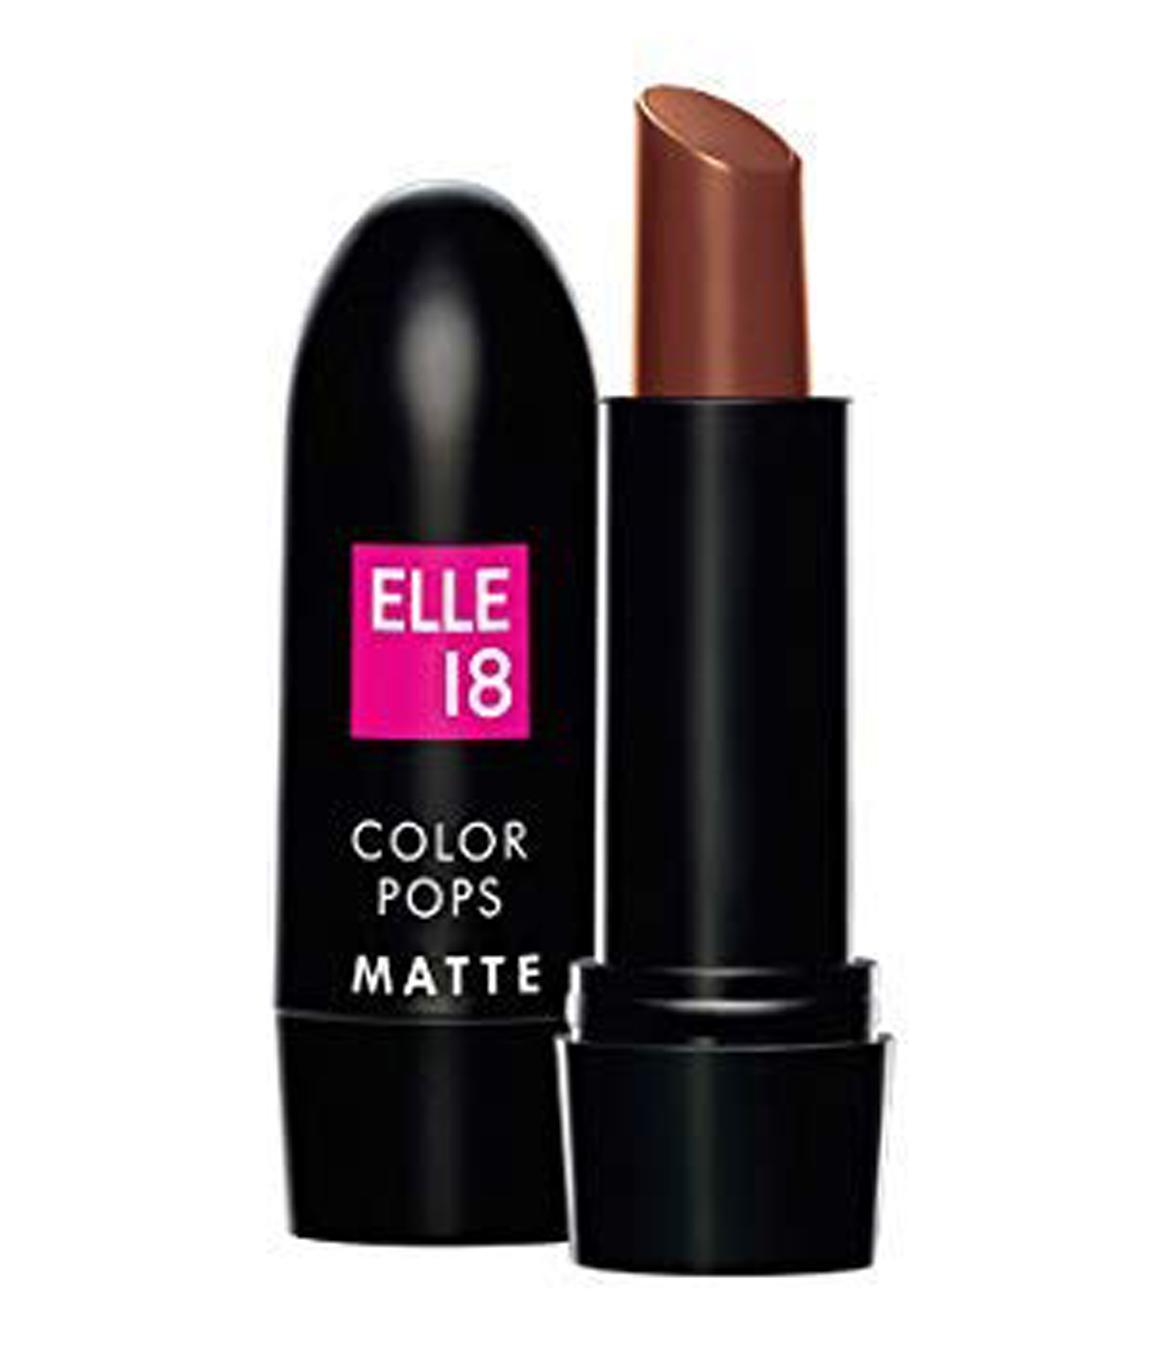 ELLE18 COLOUR POPS MATTE SHADE- B42 4.3Gm